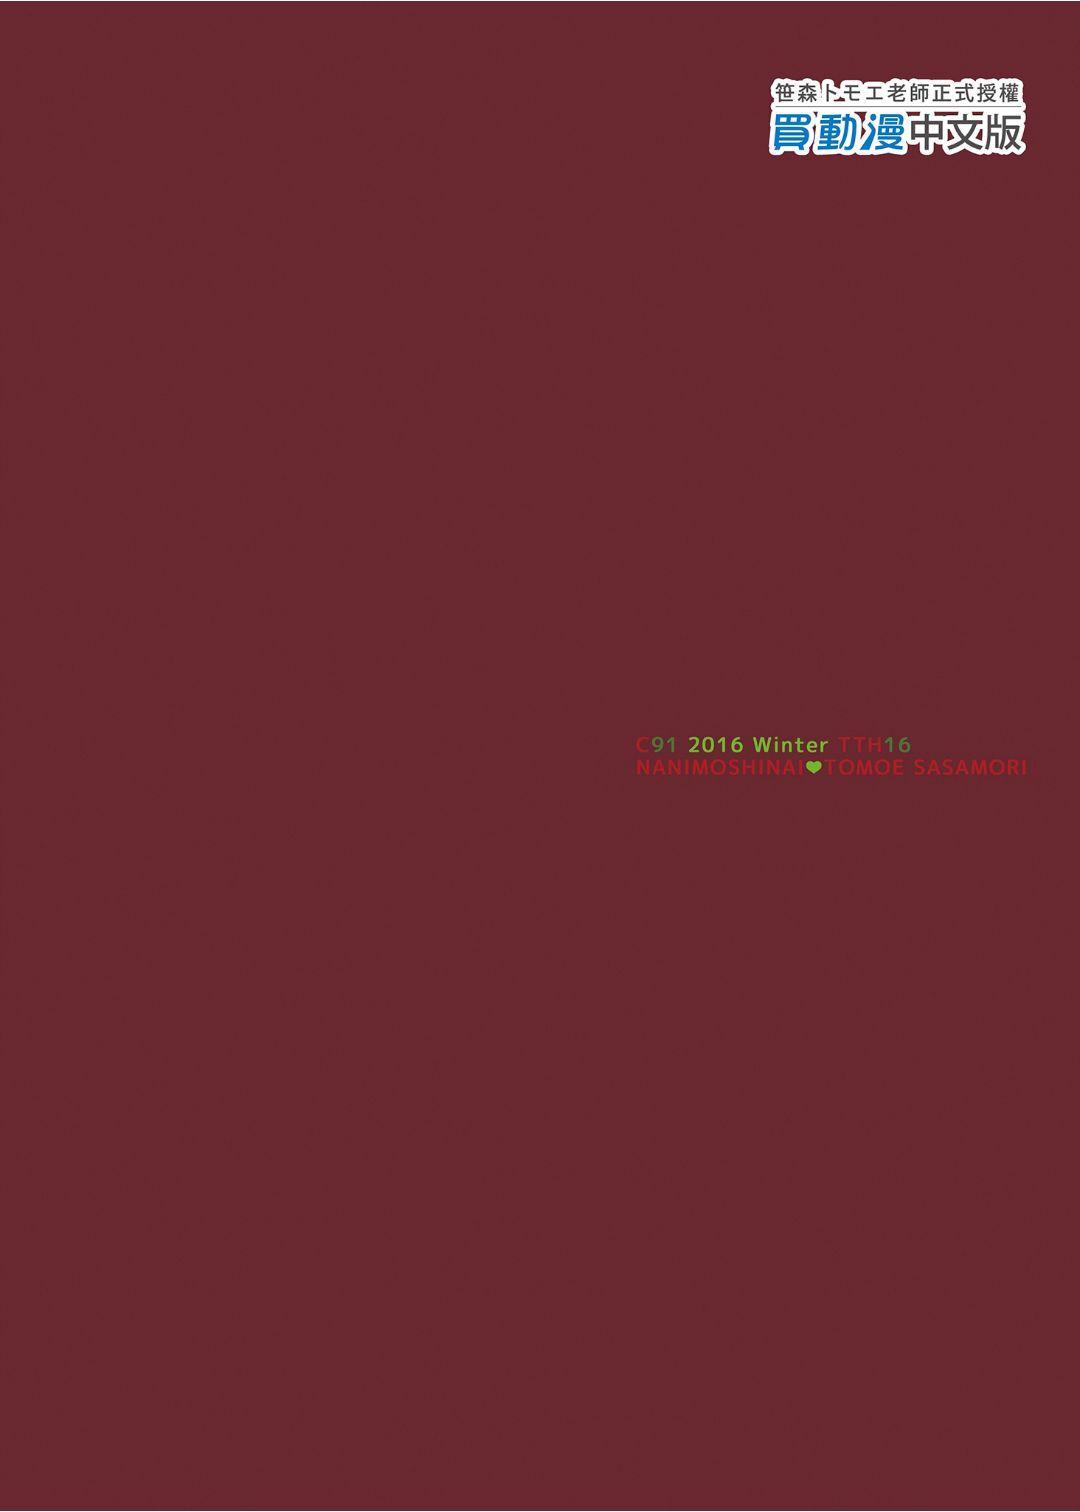 サキュバステードライフ 1-5 149